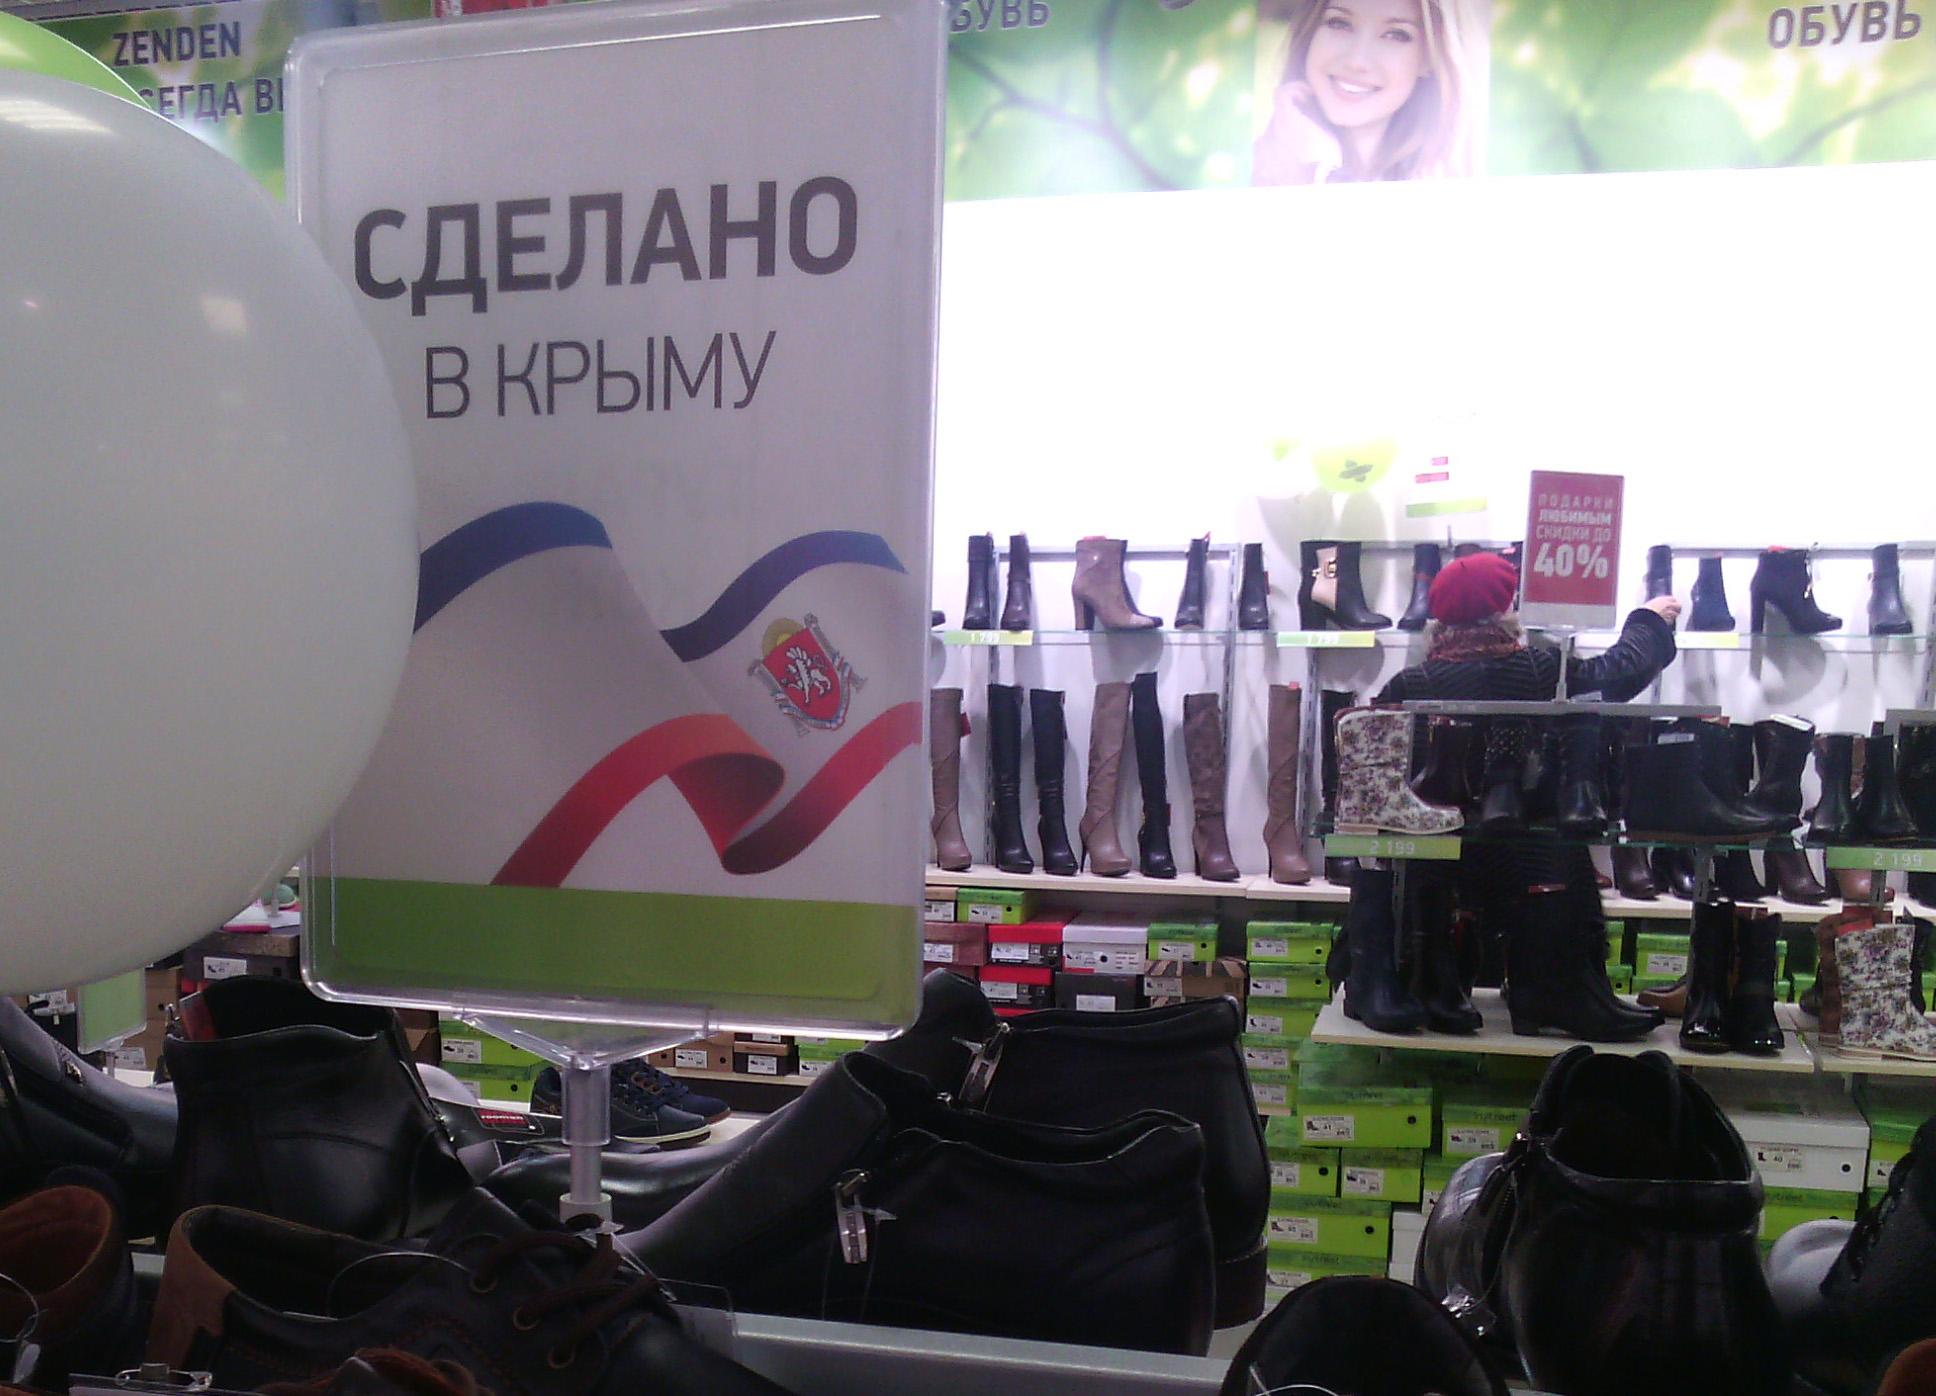 В одном из обувных магазинов Петрозаводска. Фото: Валерий Поташов